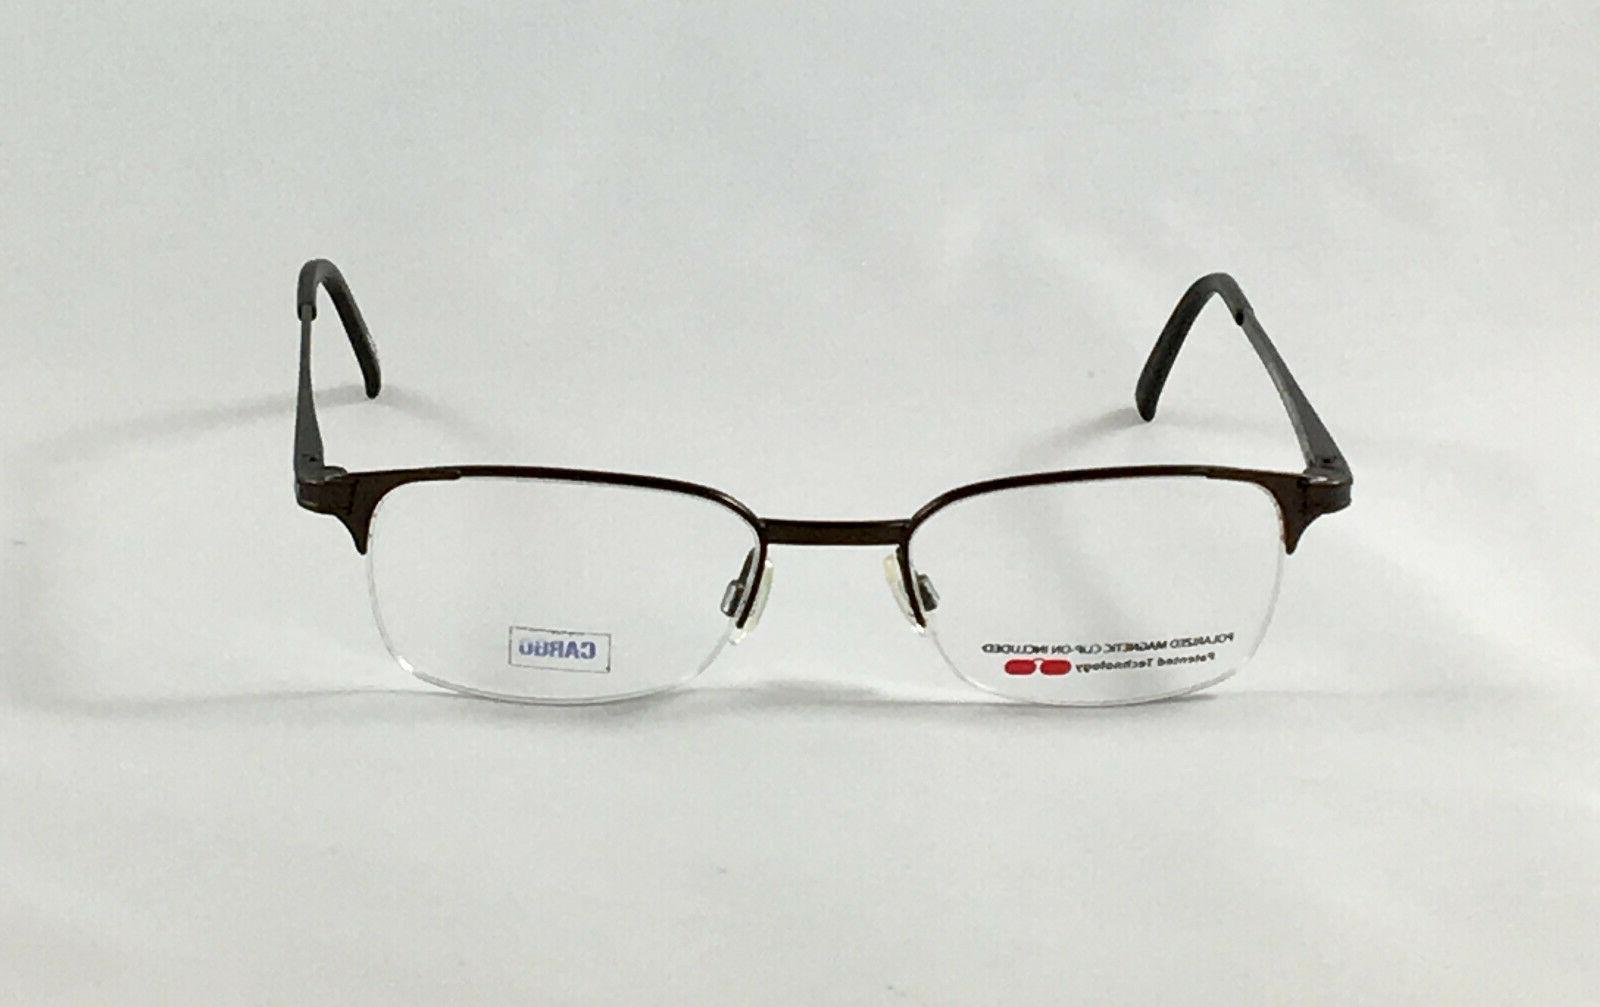 New 5037 10 Men's Eyeglasses Clip On Sunglasses